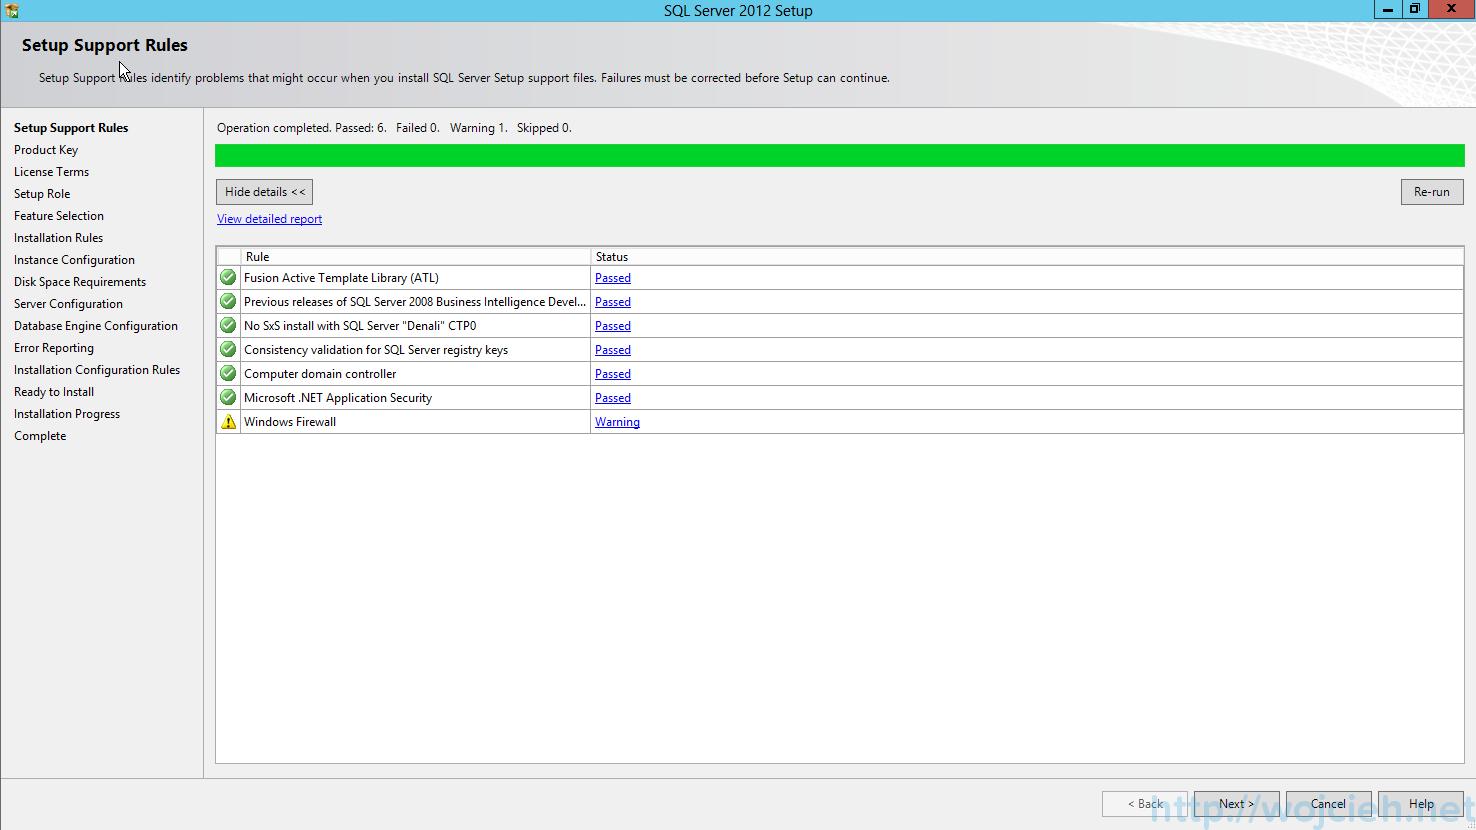 SQL Server 2012 SP1 - Setup Support Rules